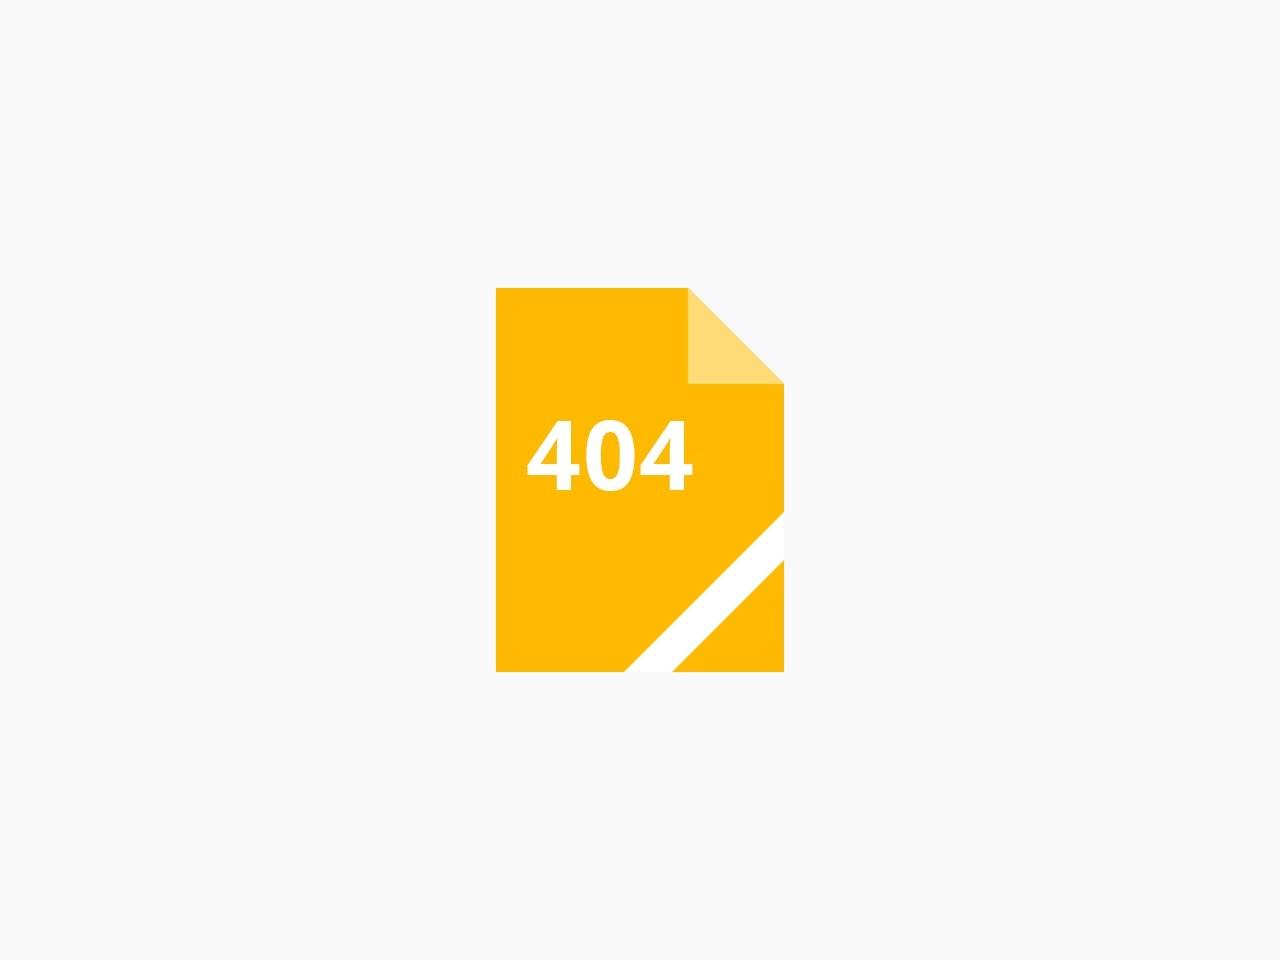 Number 2 heaven